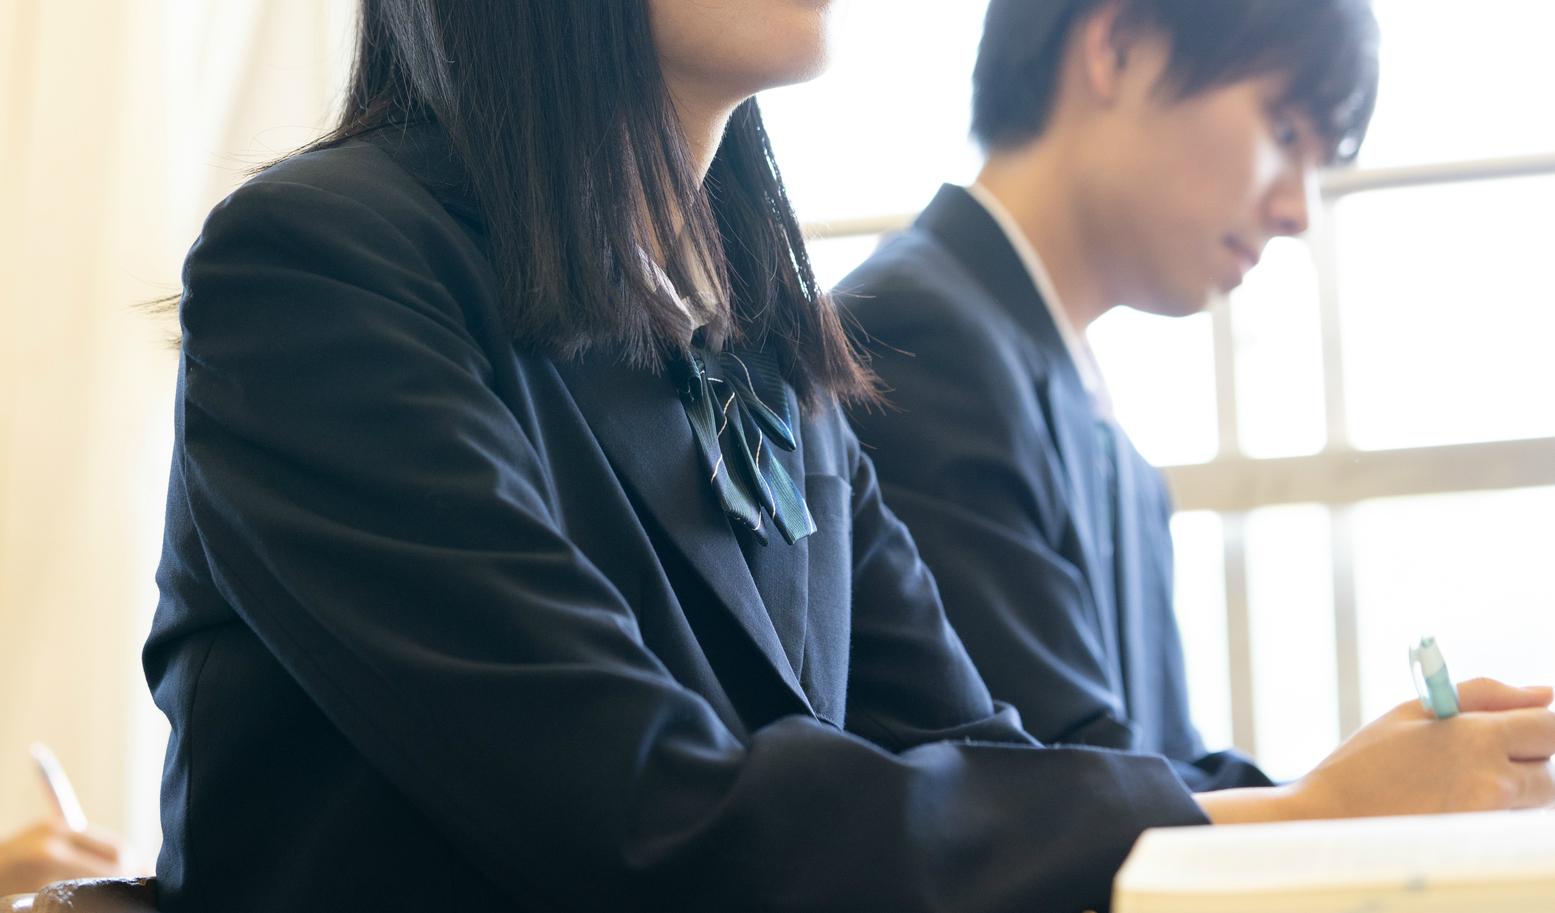 日本の大学教育は「全体の底上げという発想がない」 入試方法よりも改めるべき点がある